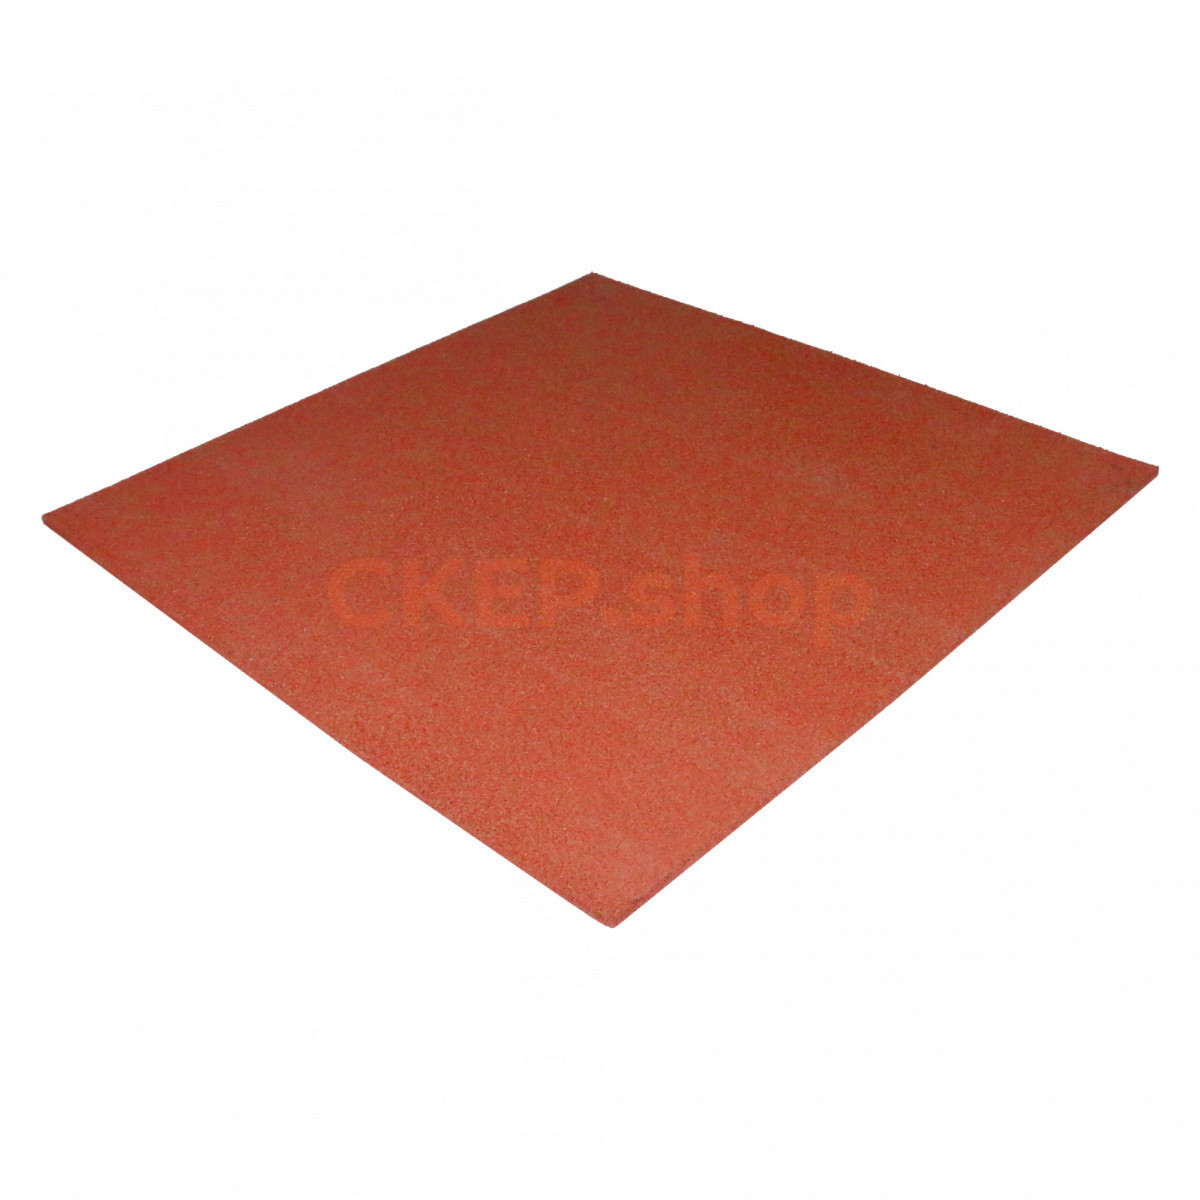 Резиновая плитка 1000х1000х20 мм, терракотовая